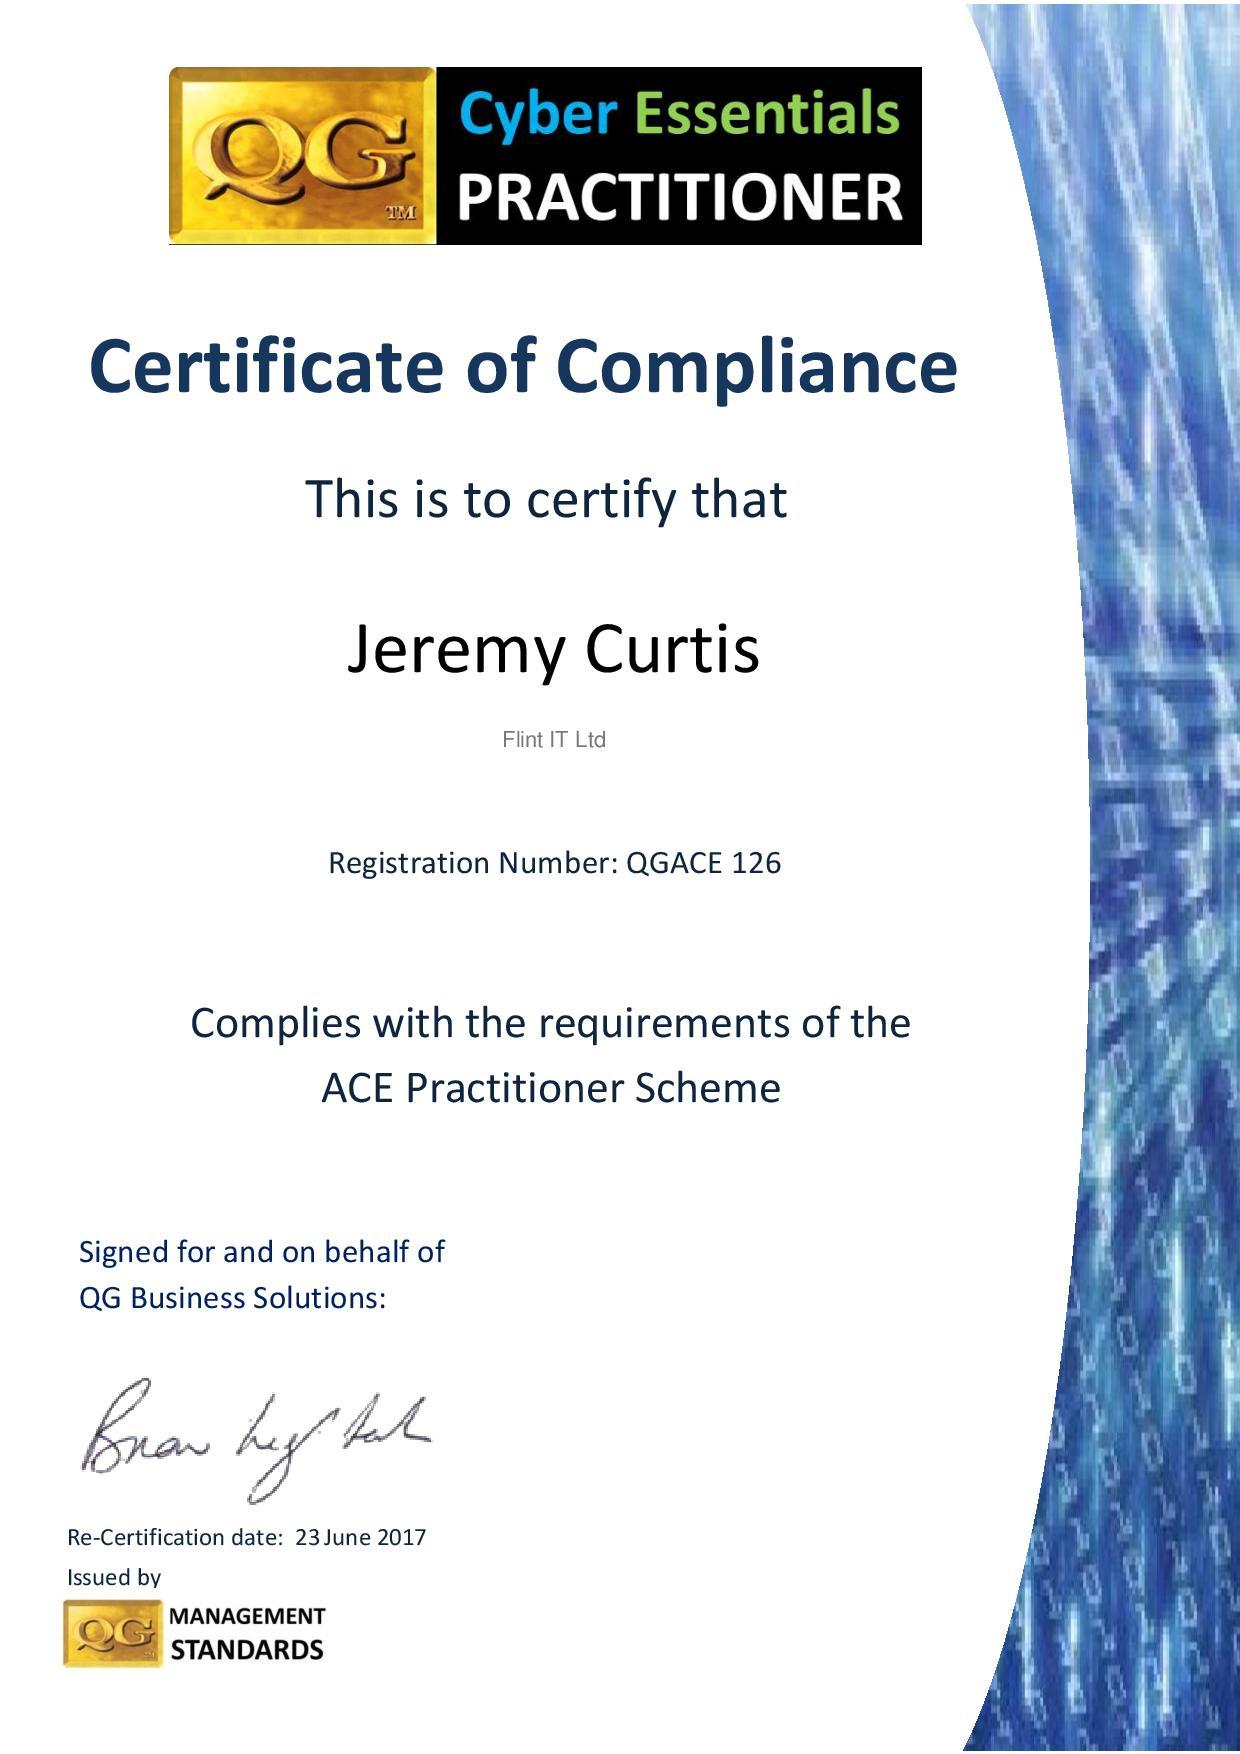 QGACE126 Jeremy